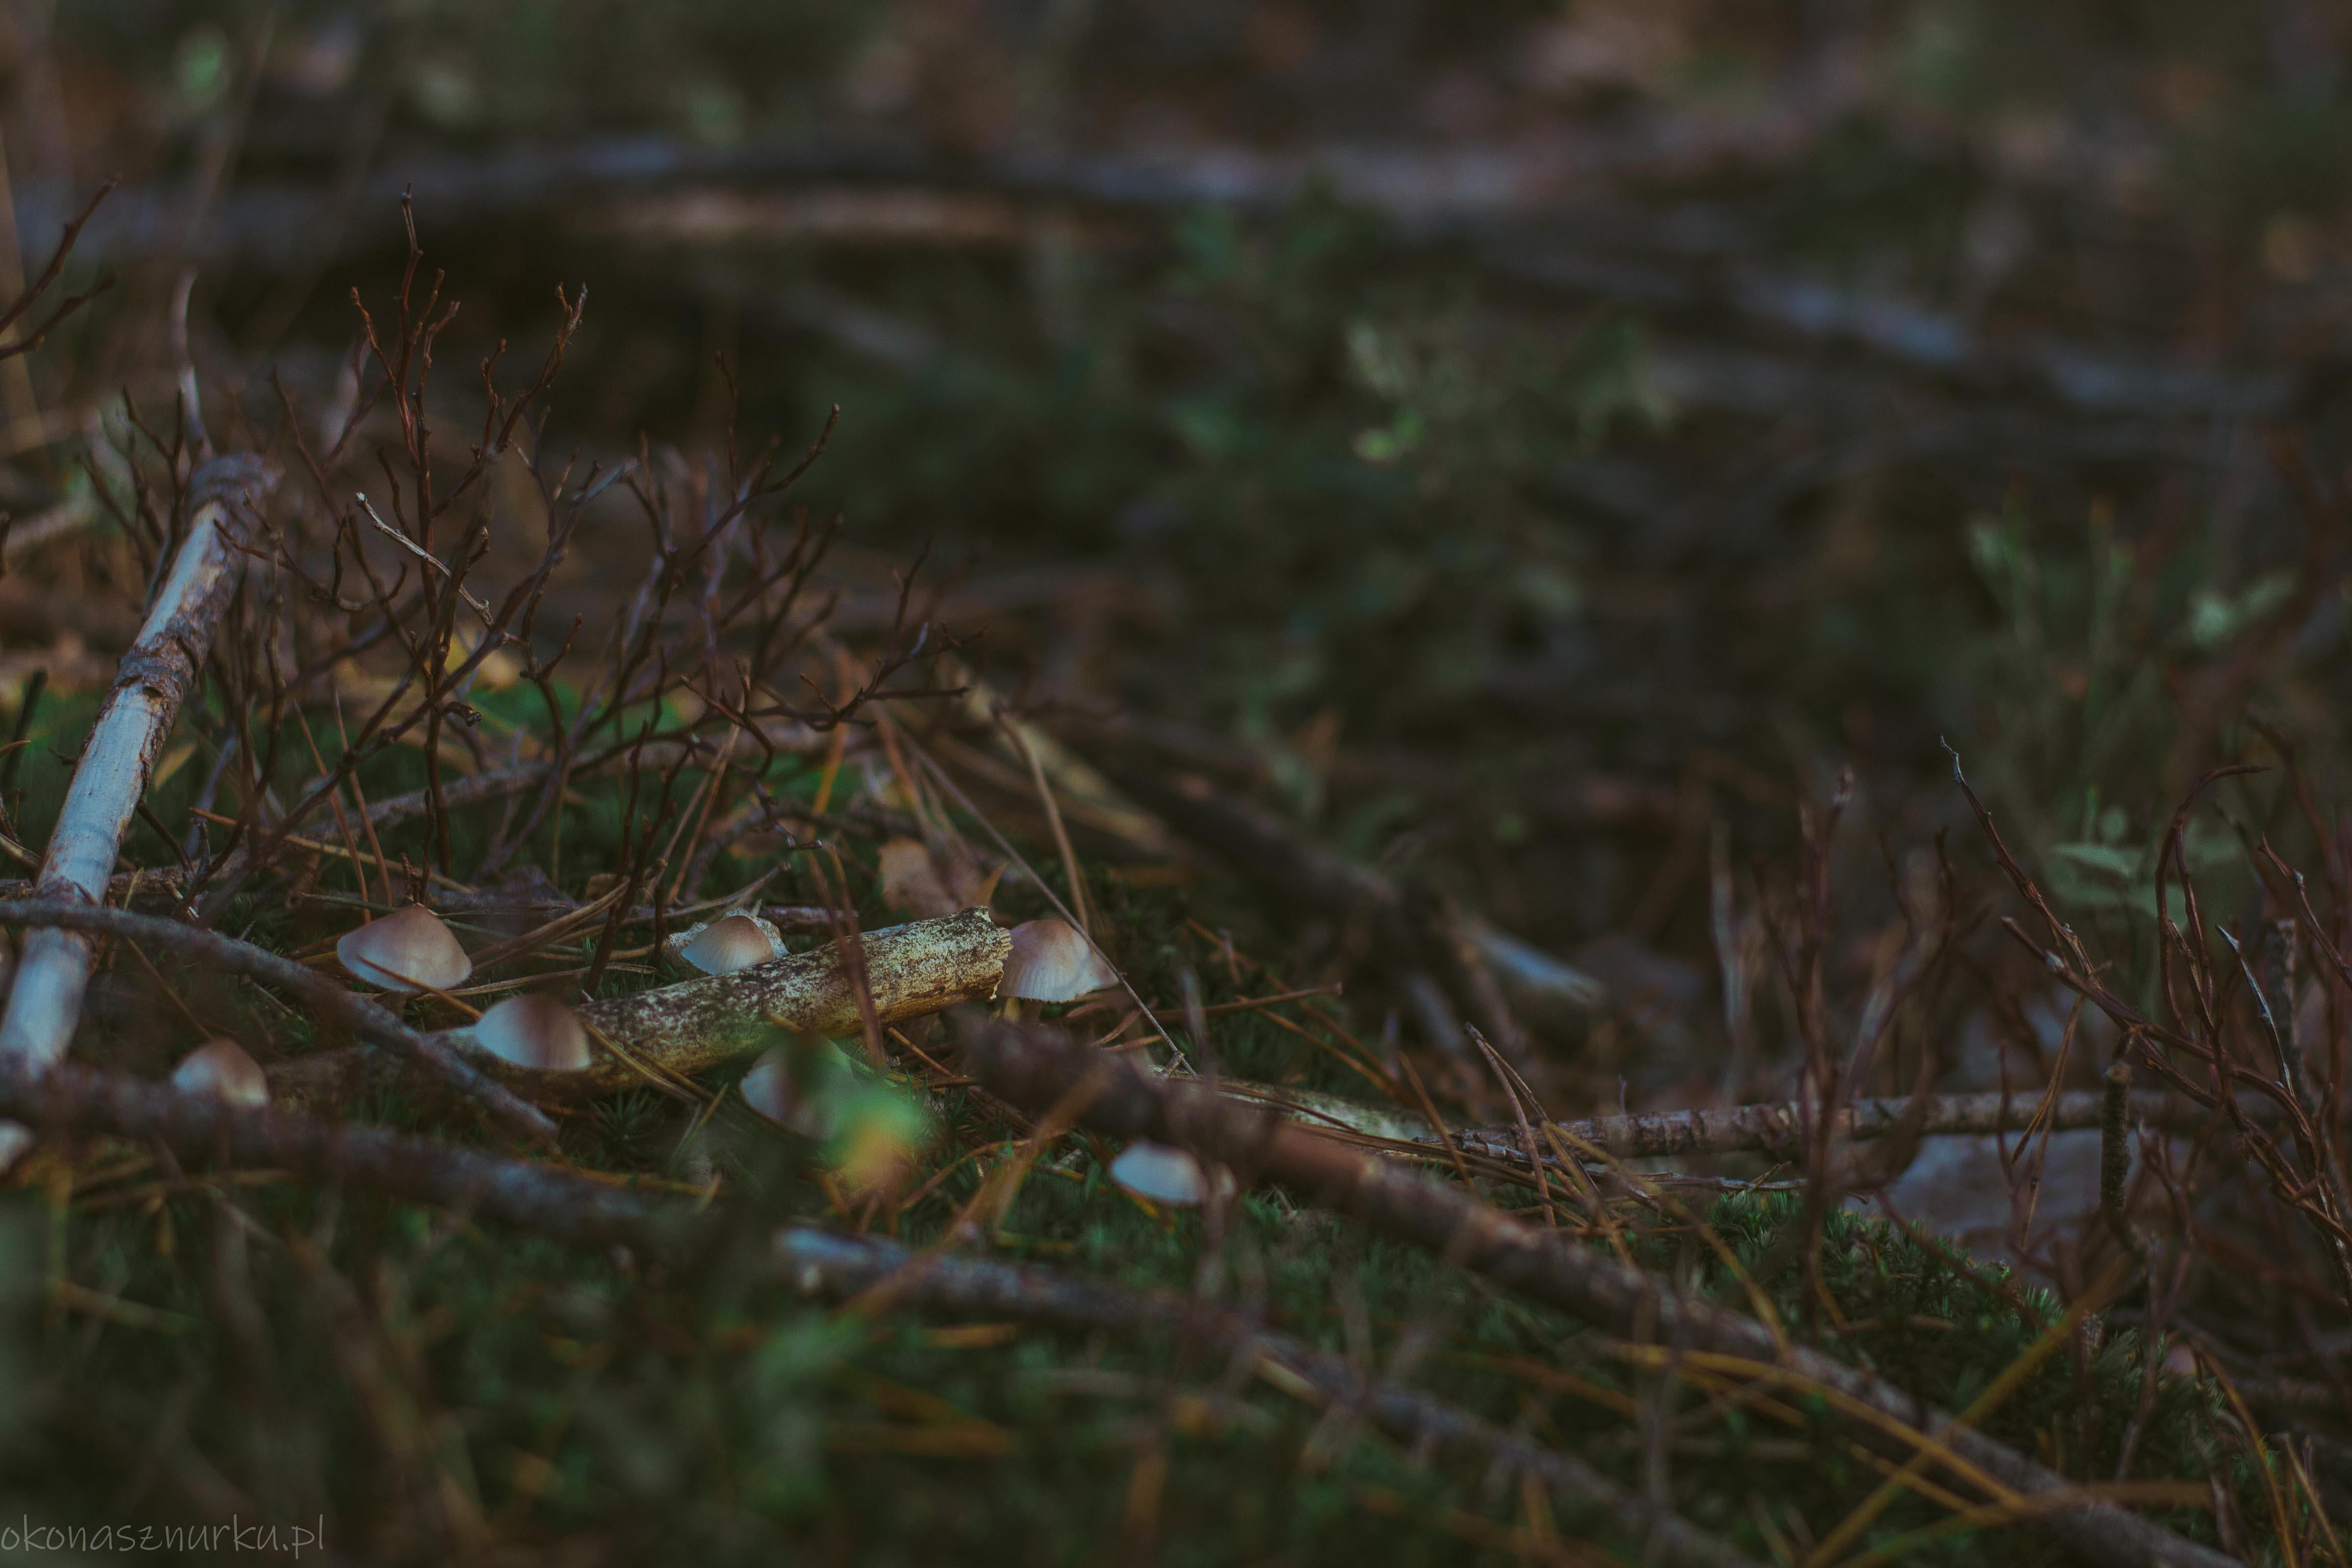 grzybobranie-okonasznurku (7)